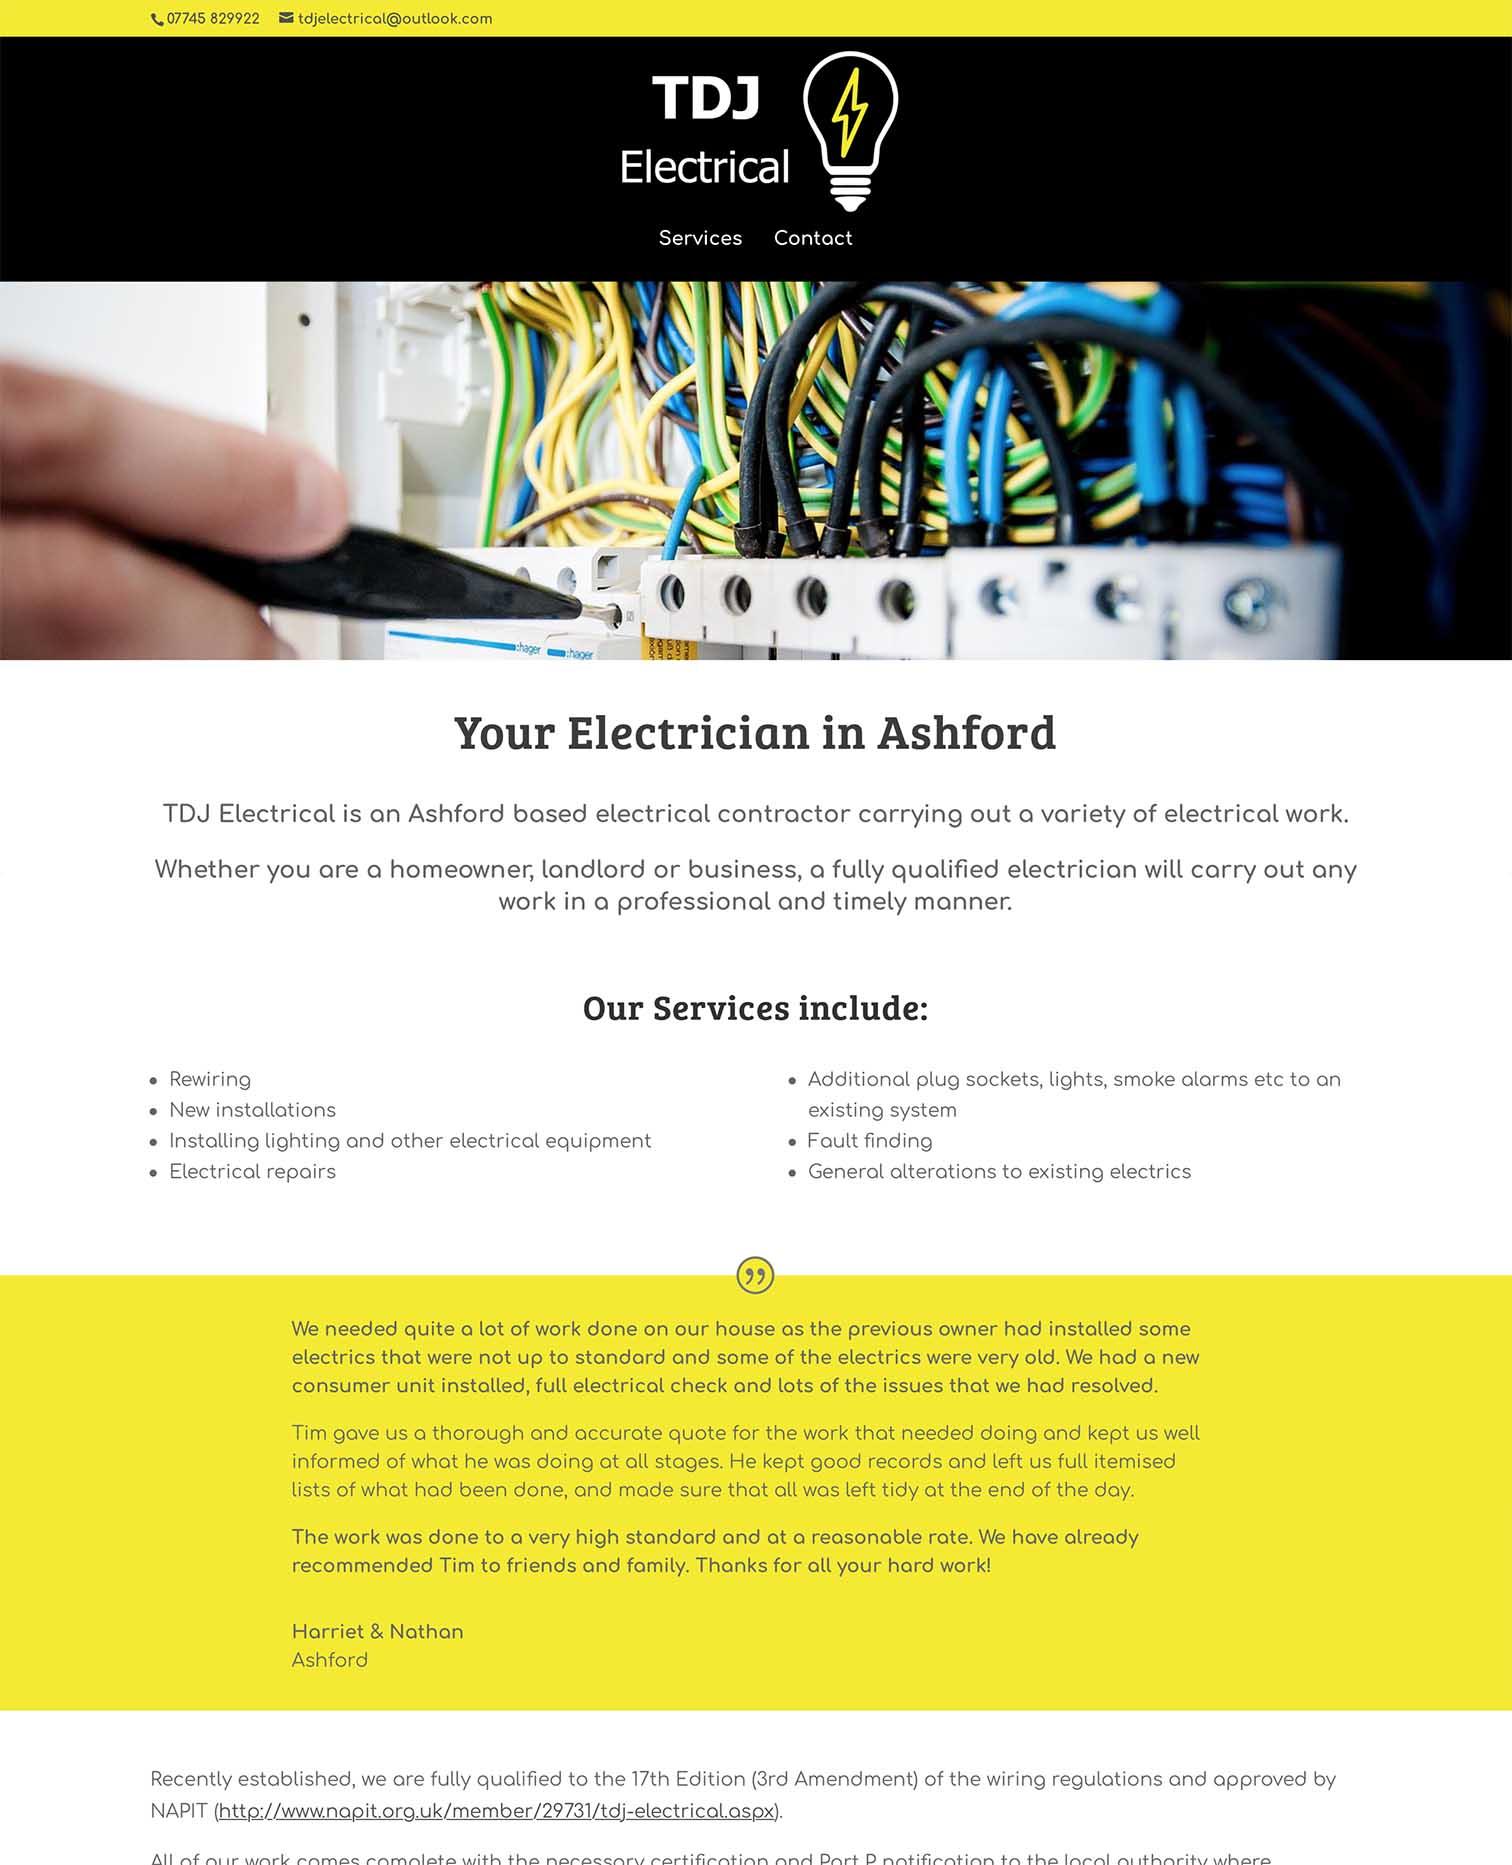 TDJ Electrical - Local Business Website Design - Ashford, Kent